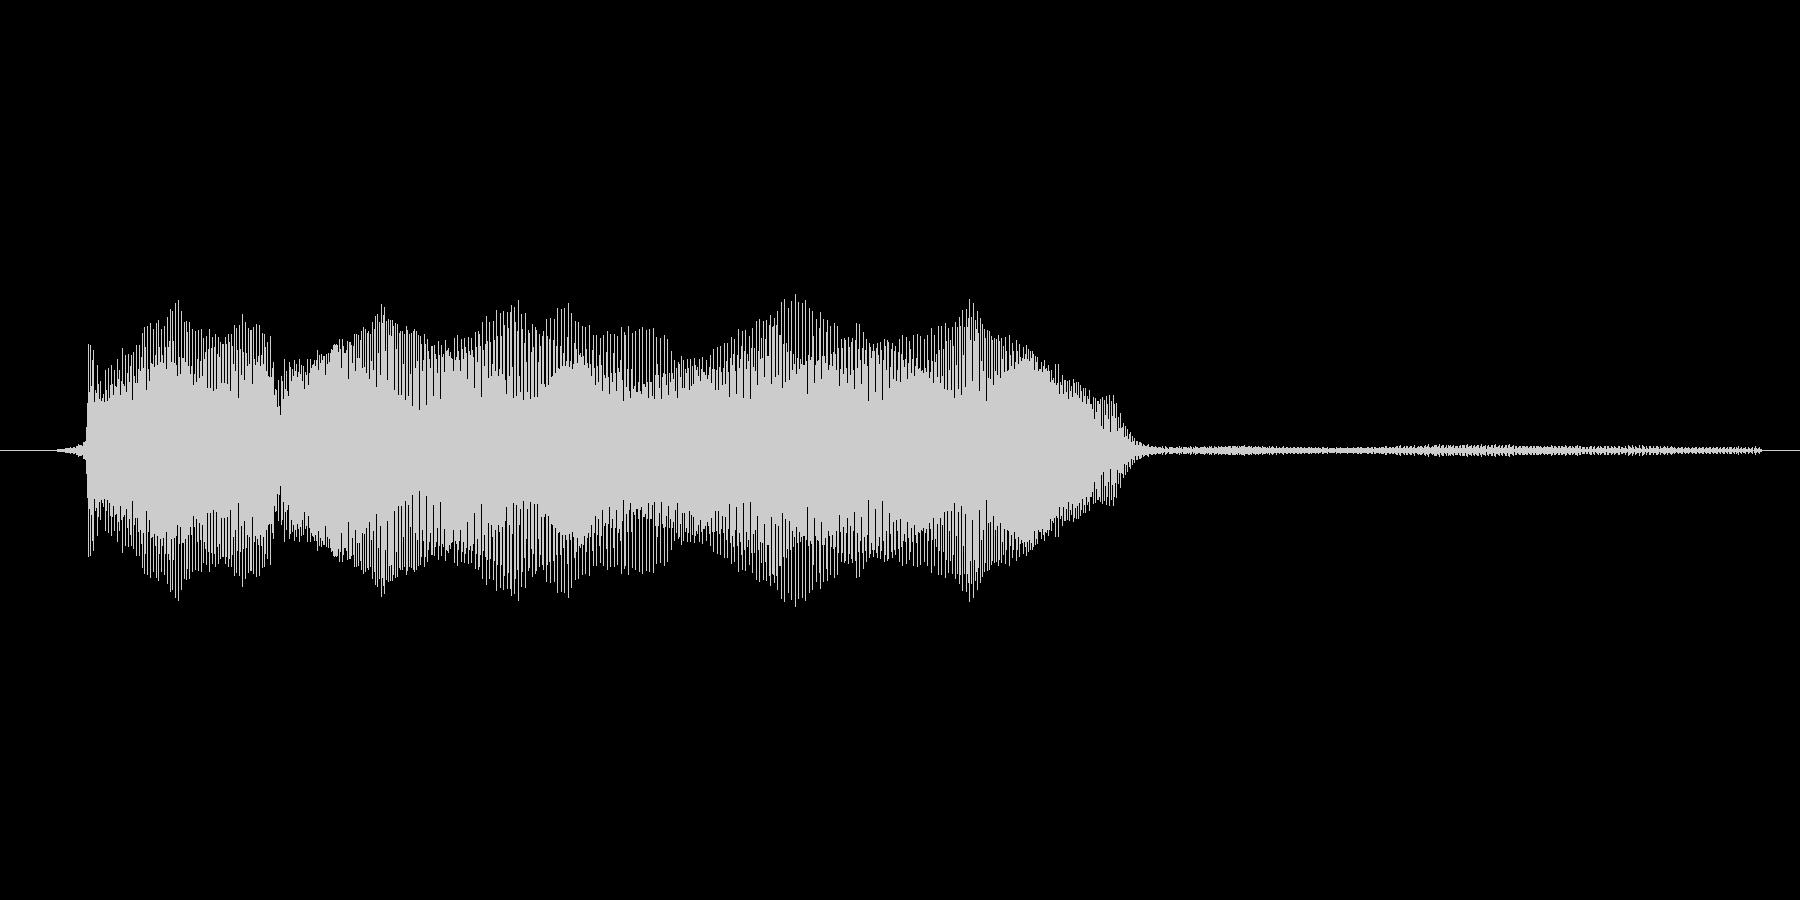 ゲーム、クイズ(ピンポン音)_011の未再生の波形